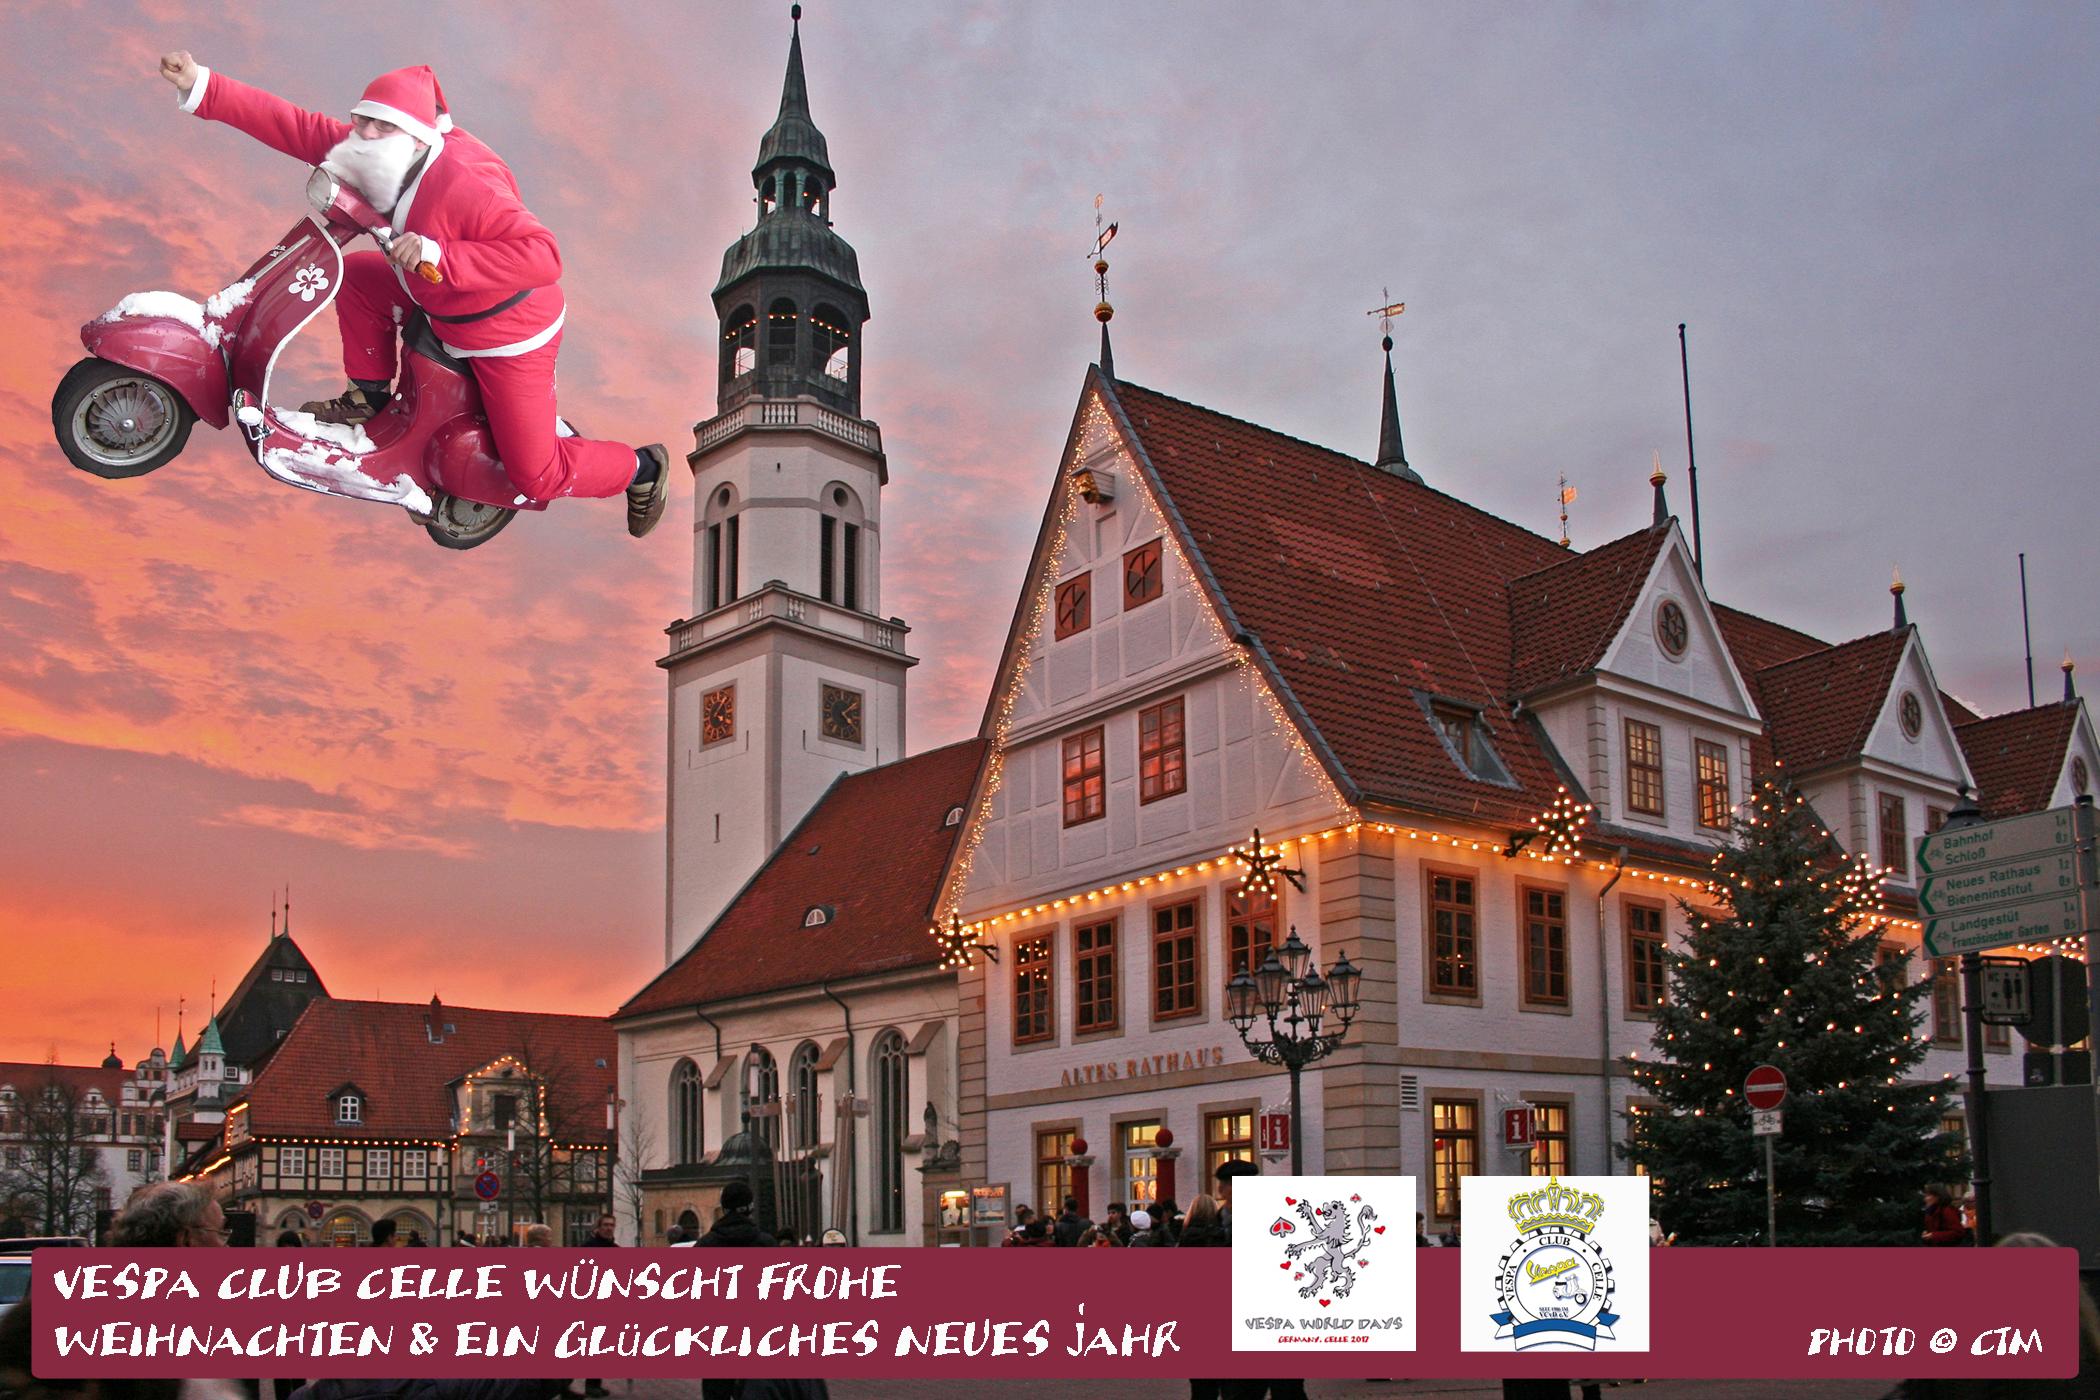 Weihnachtsessen Celle.Frohe Weihnachten Ein Glückliches Neues Jahr Vespa World Days 2017